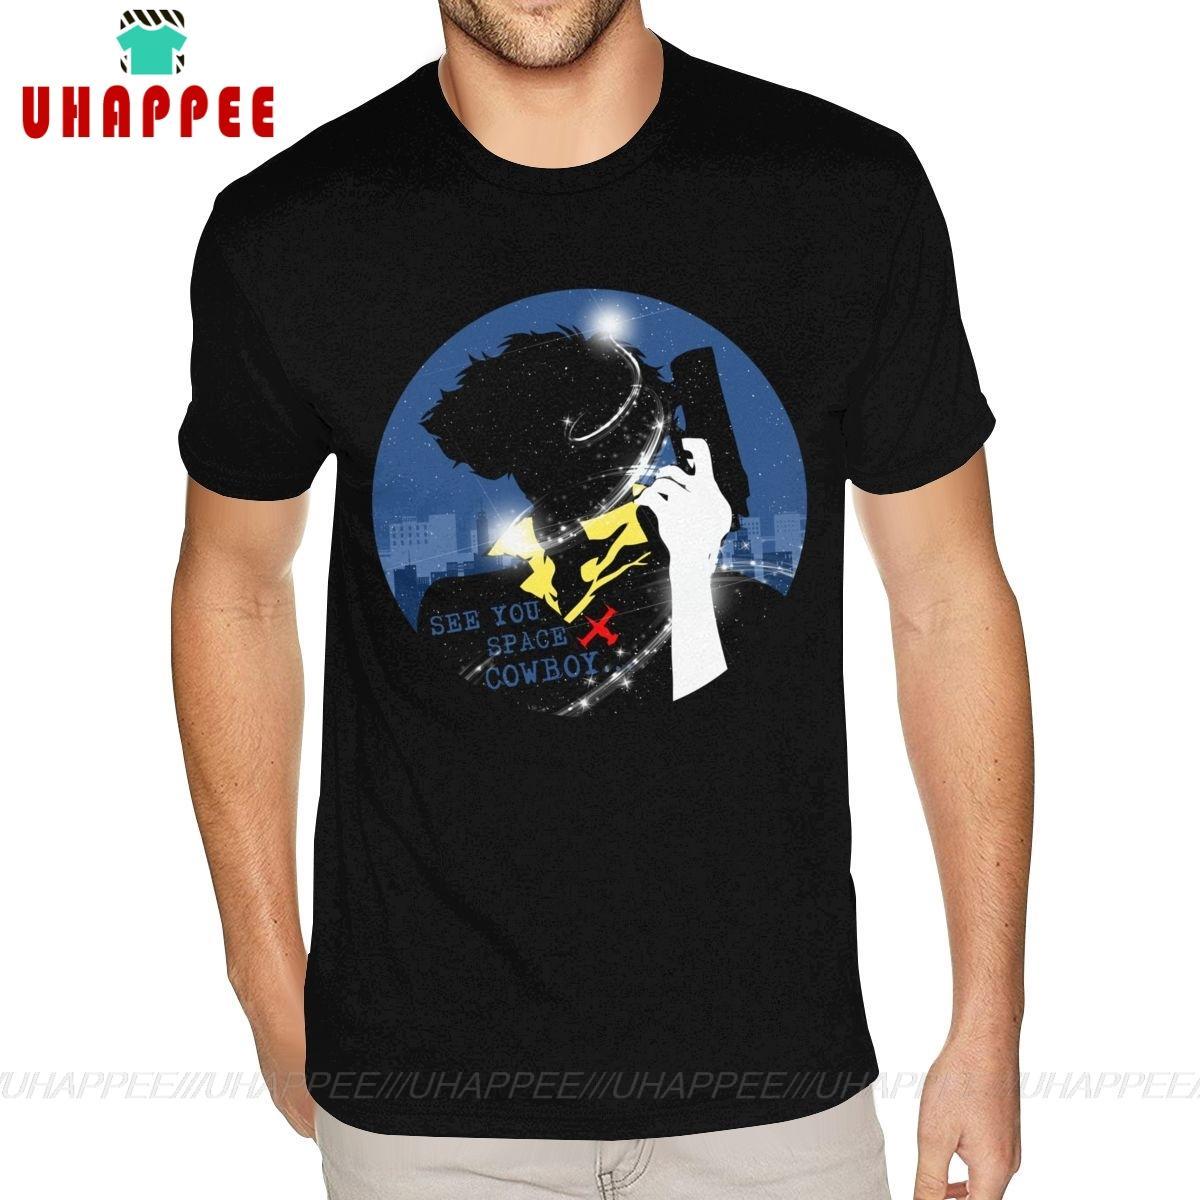 Erkekler Küçük Boy Siyah Tee Gömlek için İnce Cowboy Bebop T Shirt Beyaz Kısa Kollu